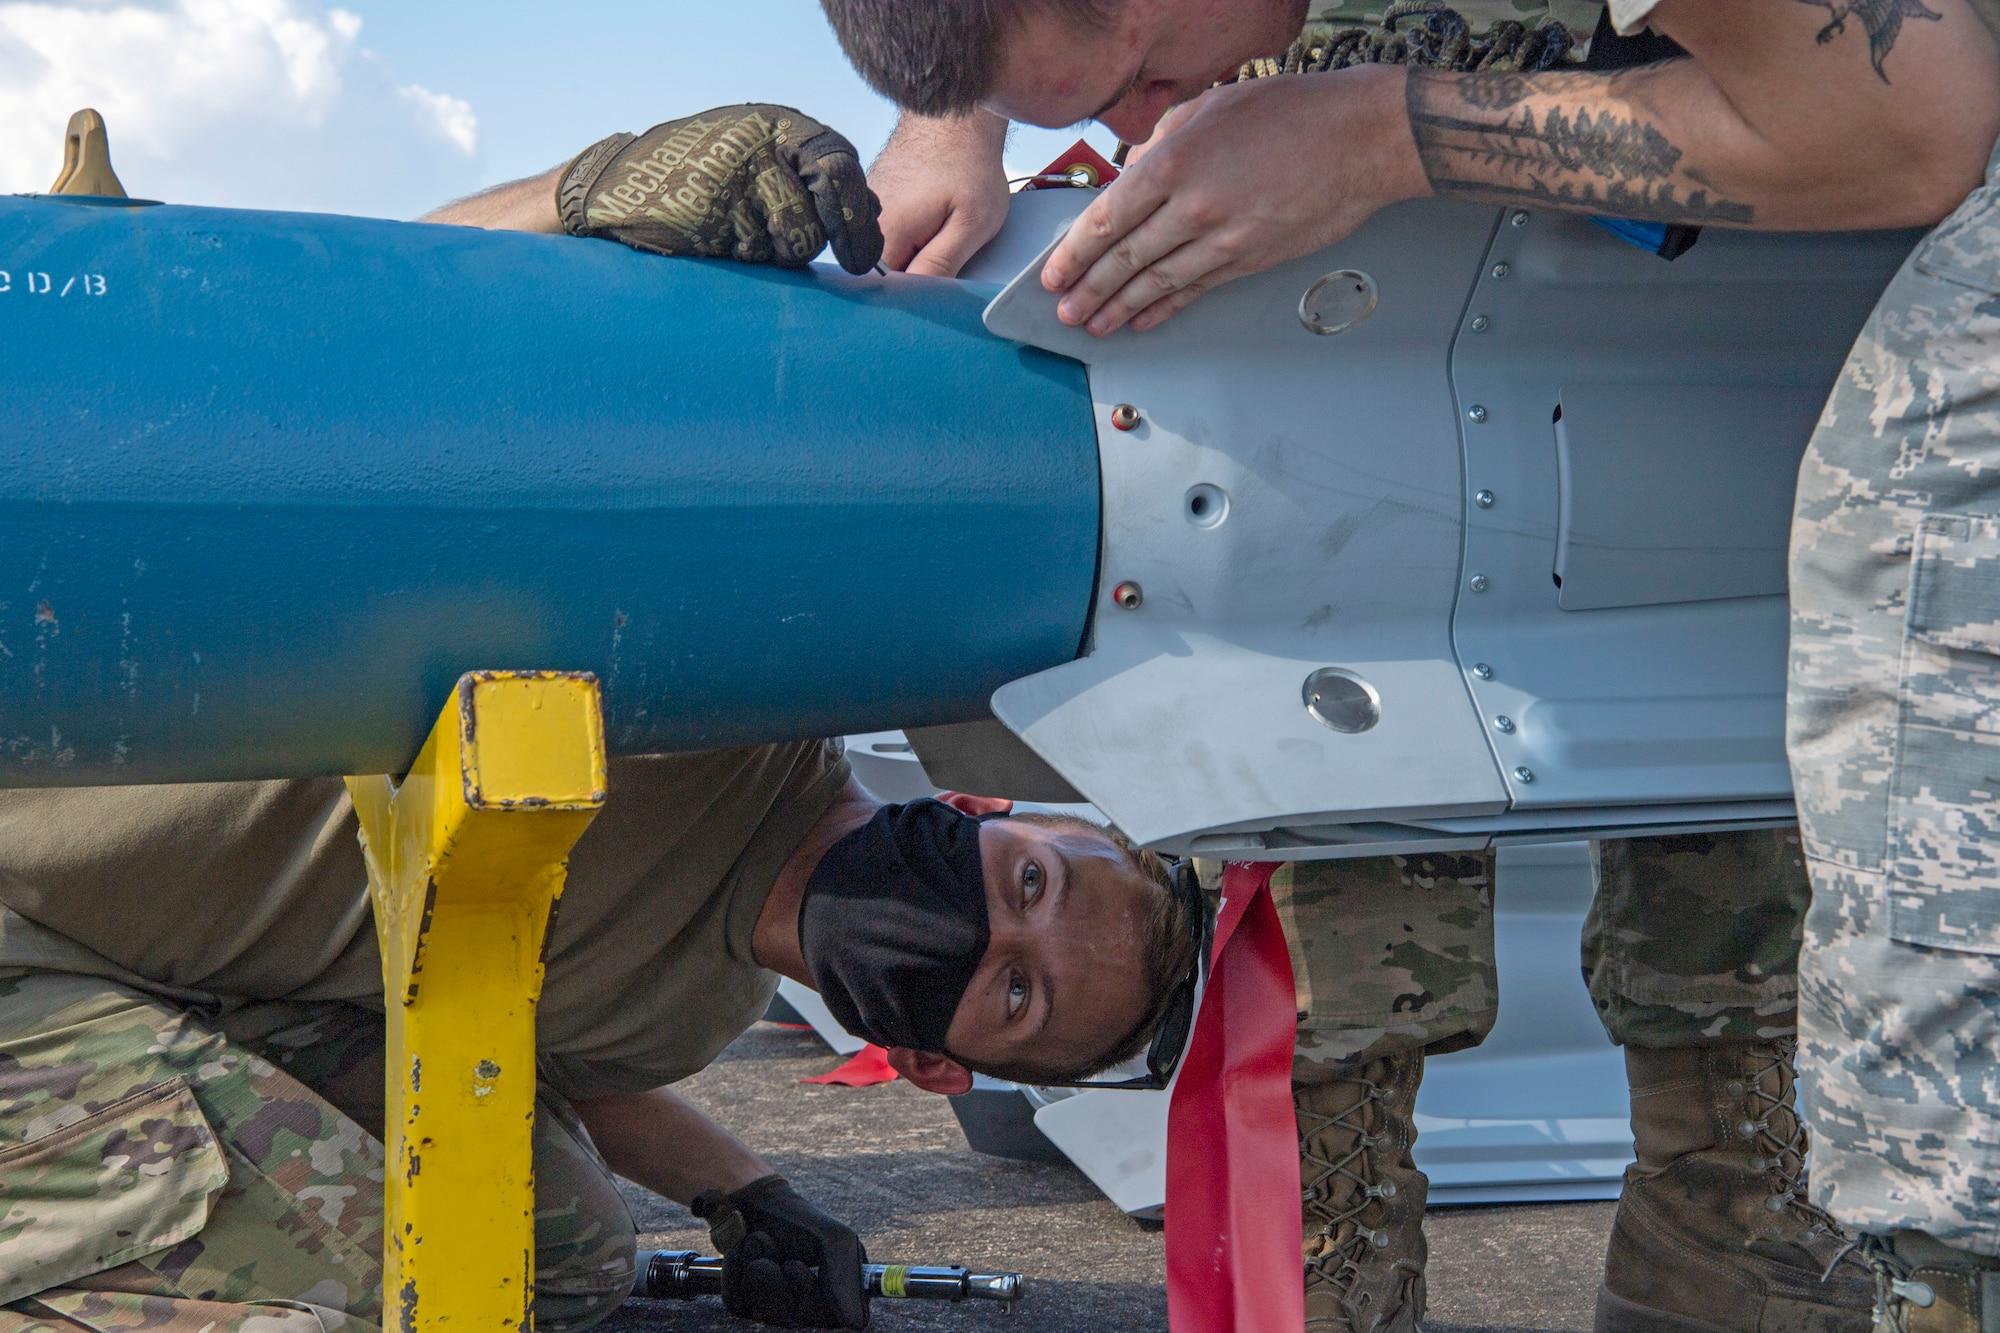 Airmen put together an inert munition